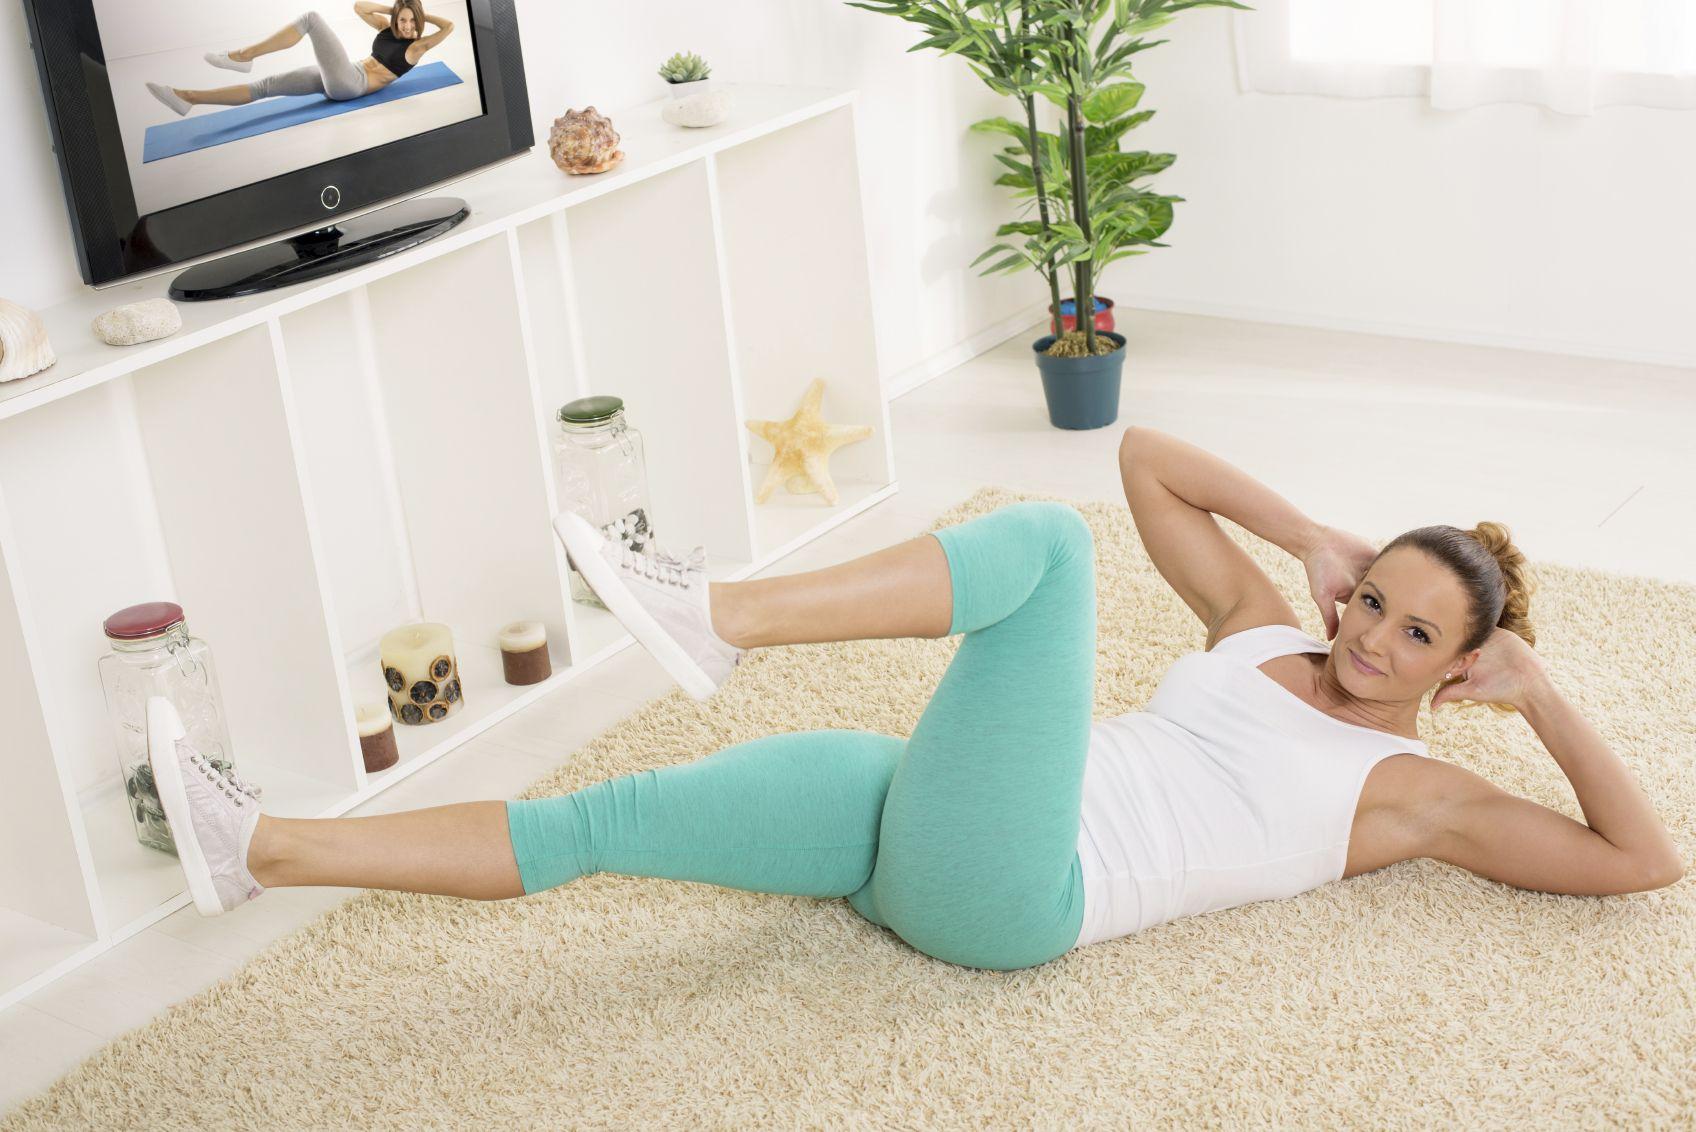 Аэробика Для Похудения Ног. Эффективные упражнения для стройных ног и подтянутых бедер